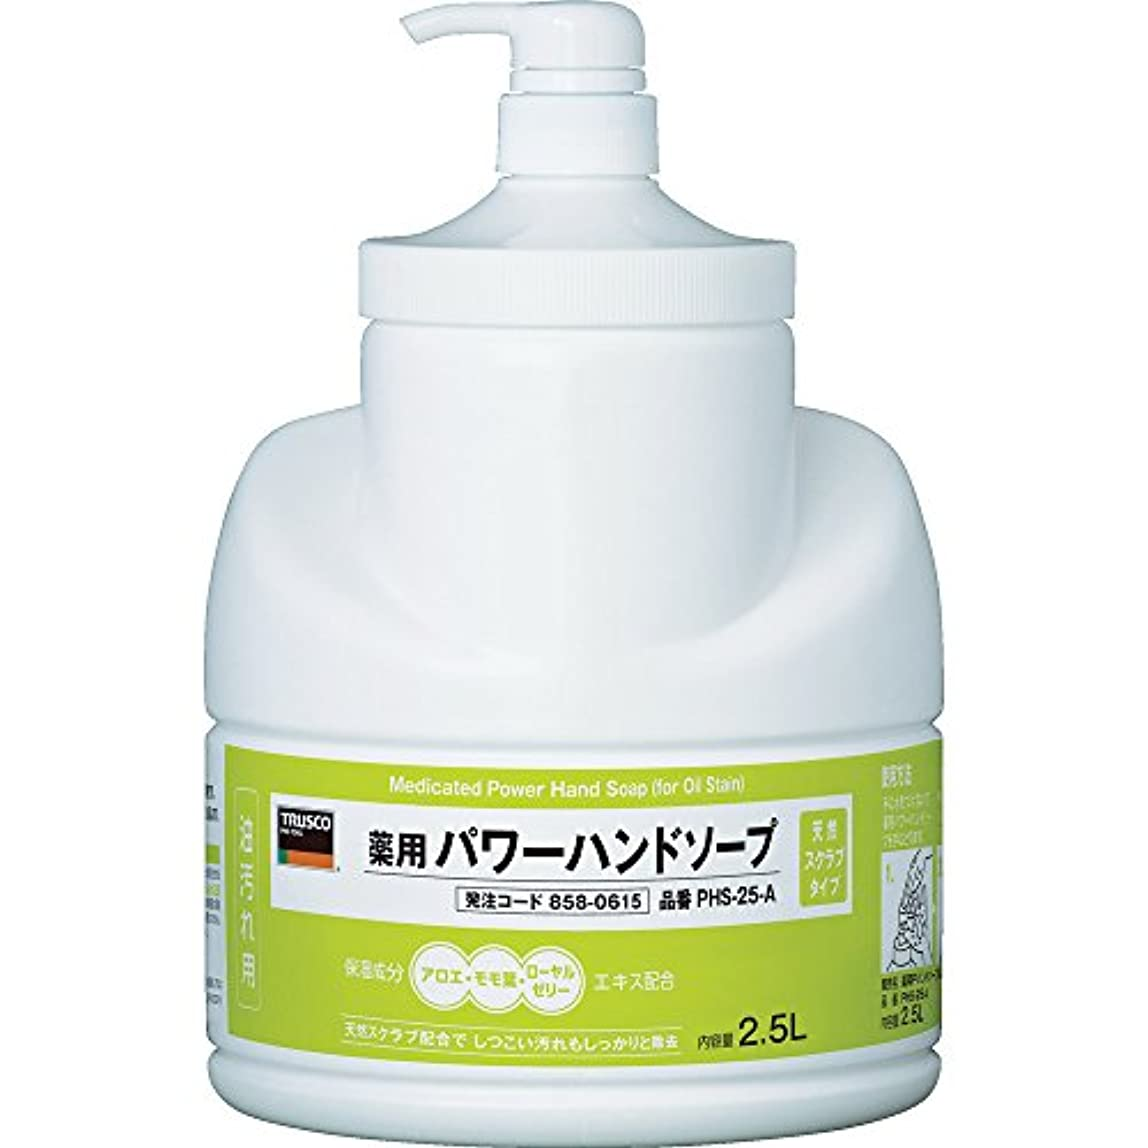 晴れ企業アレルギー性TRUSCO(トラスコ) 薬用パワーハンドソープポンプボトル 2.5L PHS-25-A